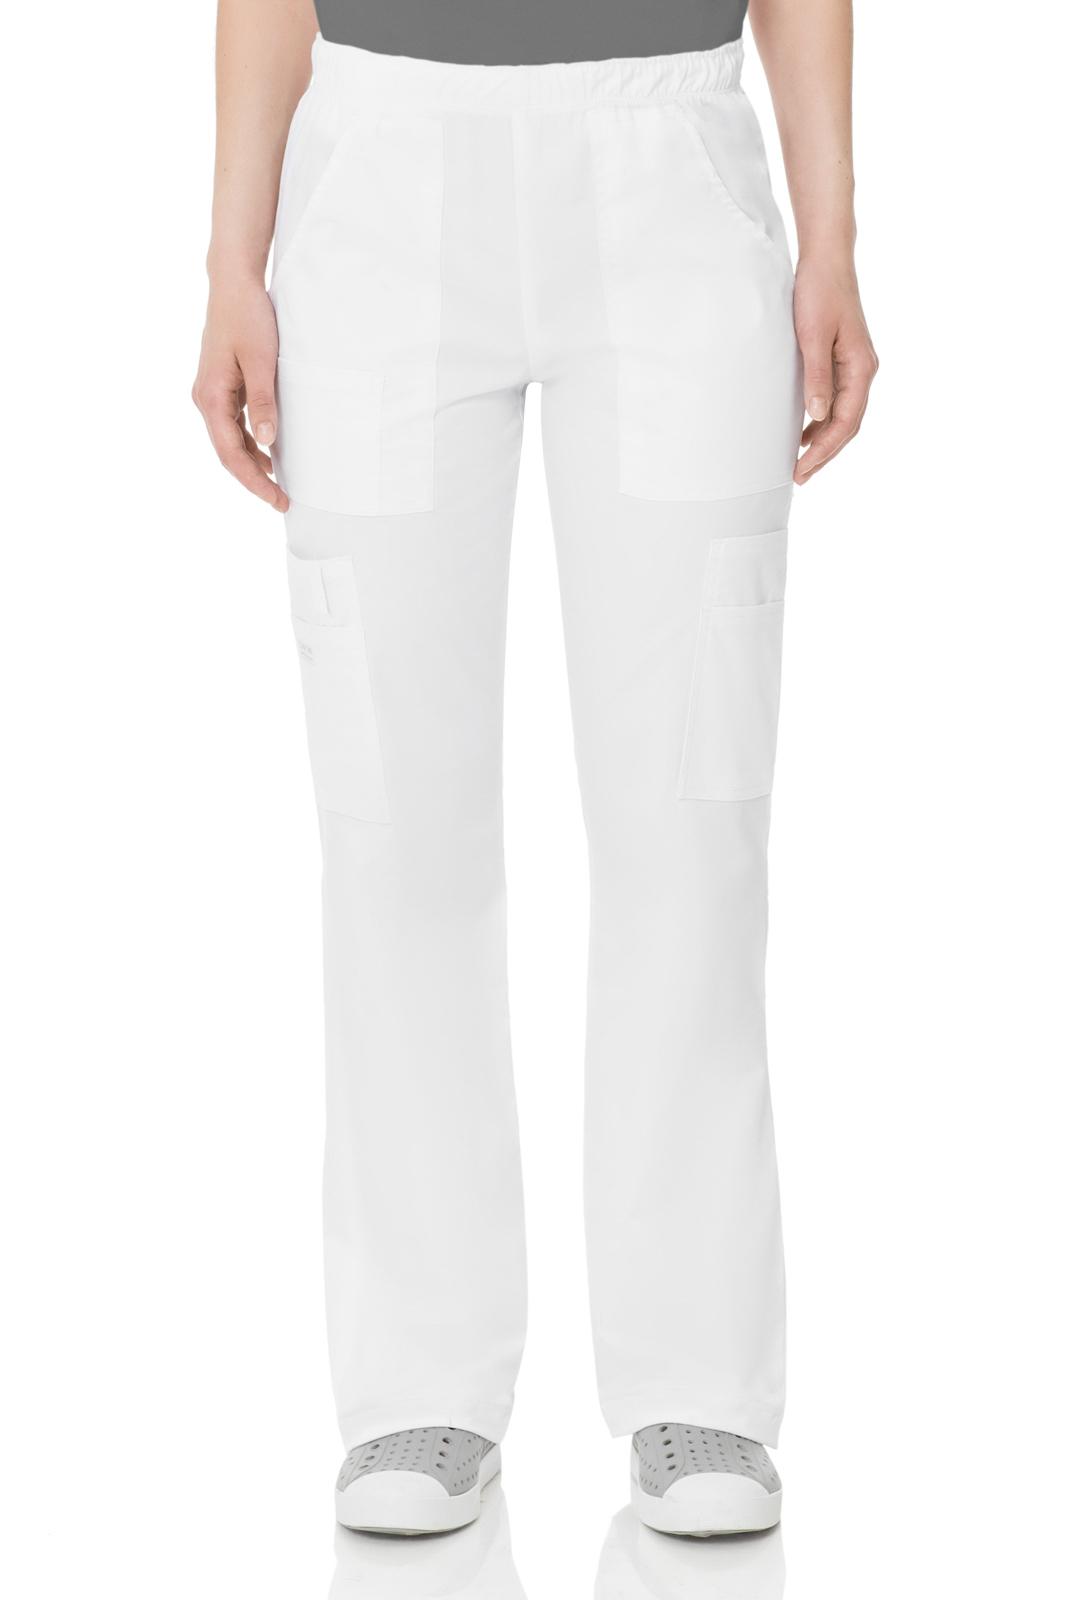 Брюки унисекс белого цвета Cherokee Workwear